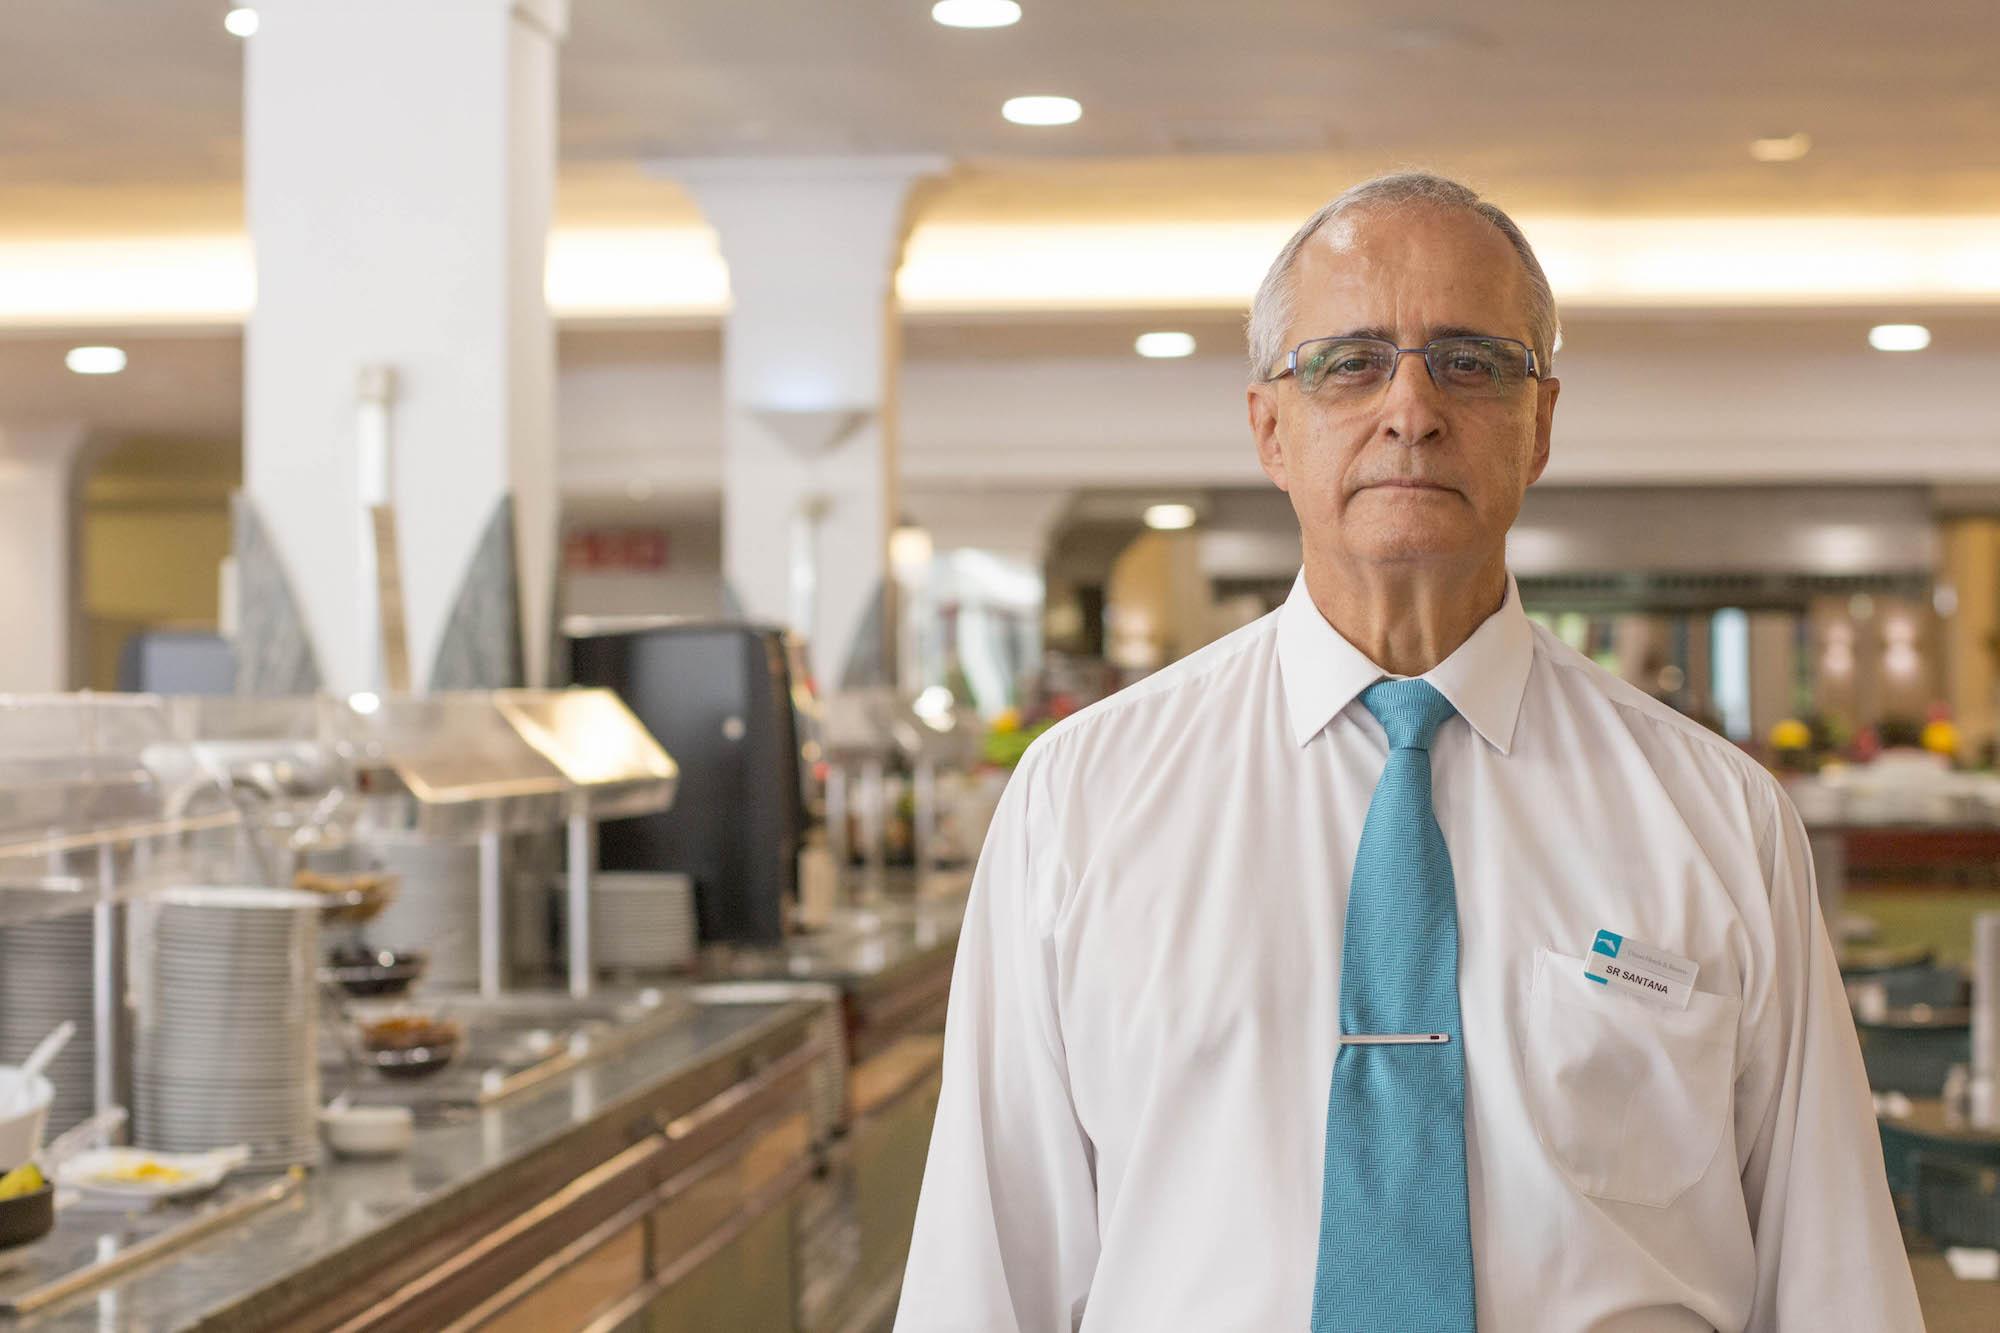 Faustino Santana